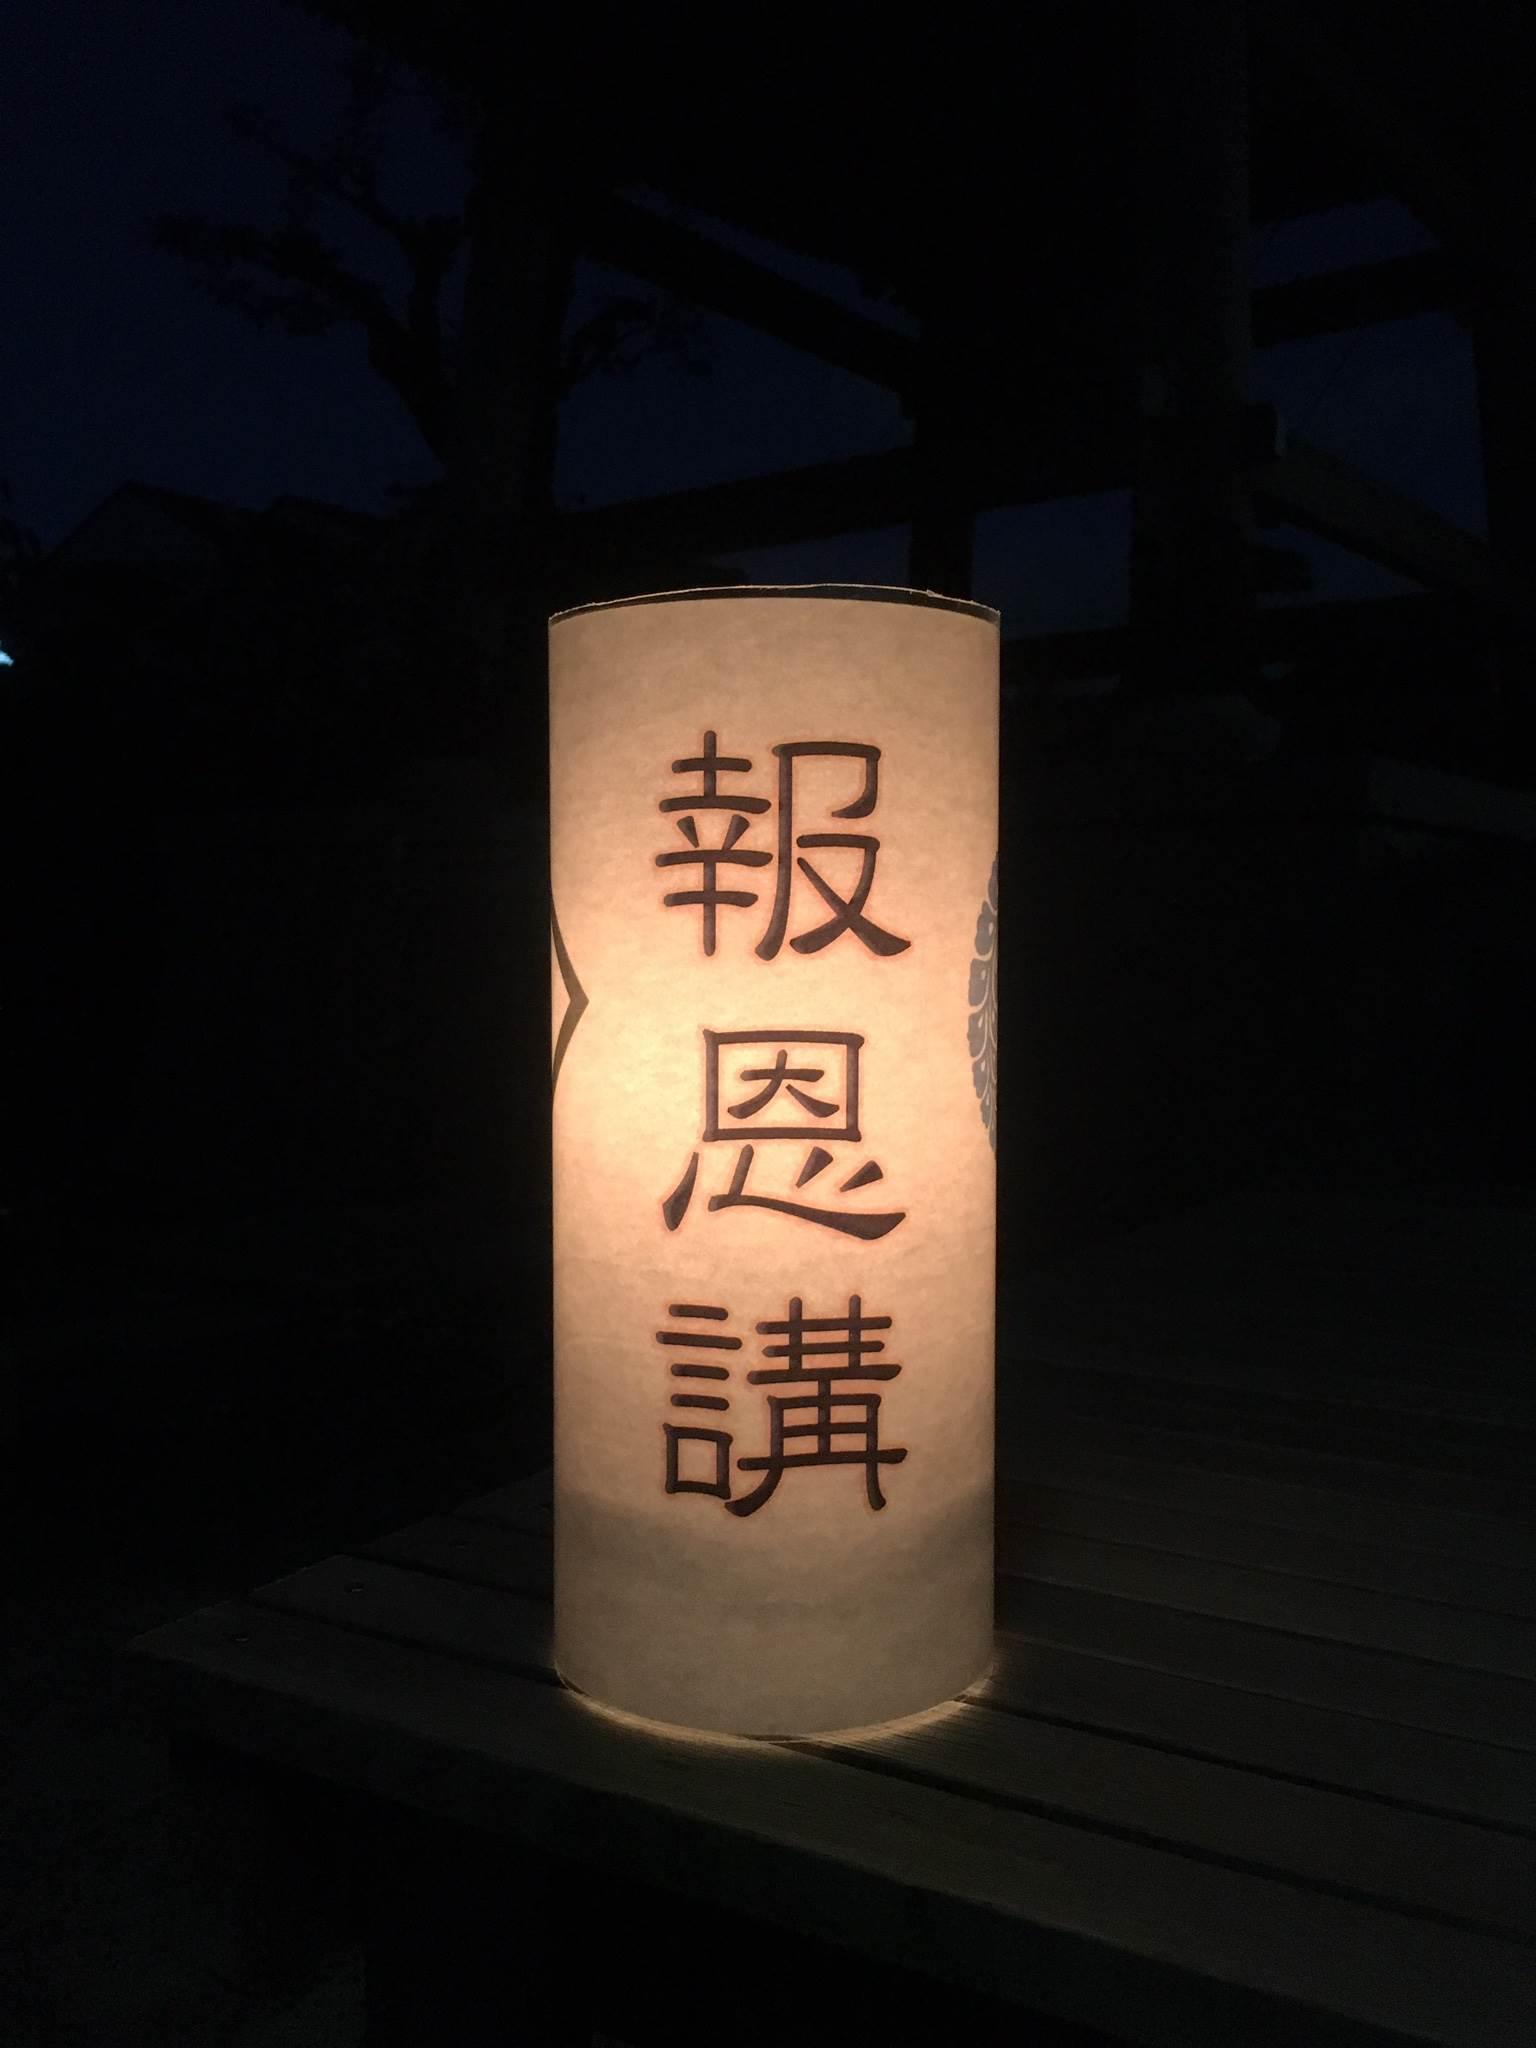 灯篭イラスト ともしえ https://www.facebook.com/tomoshie/